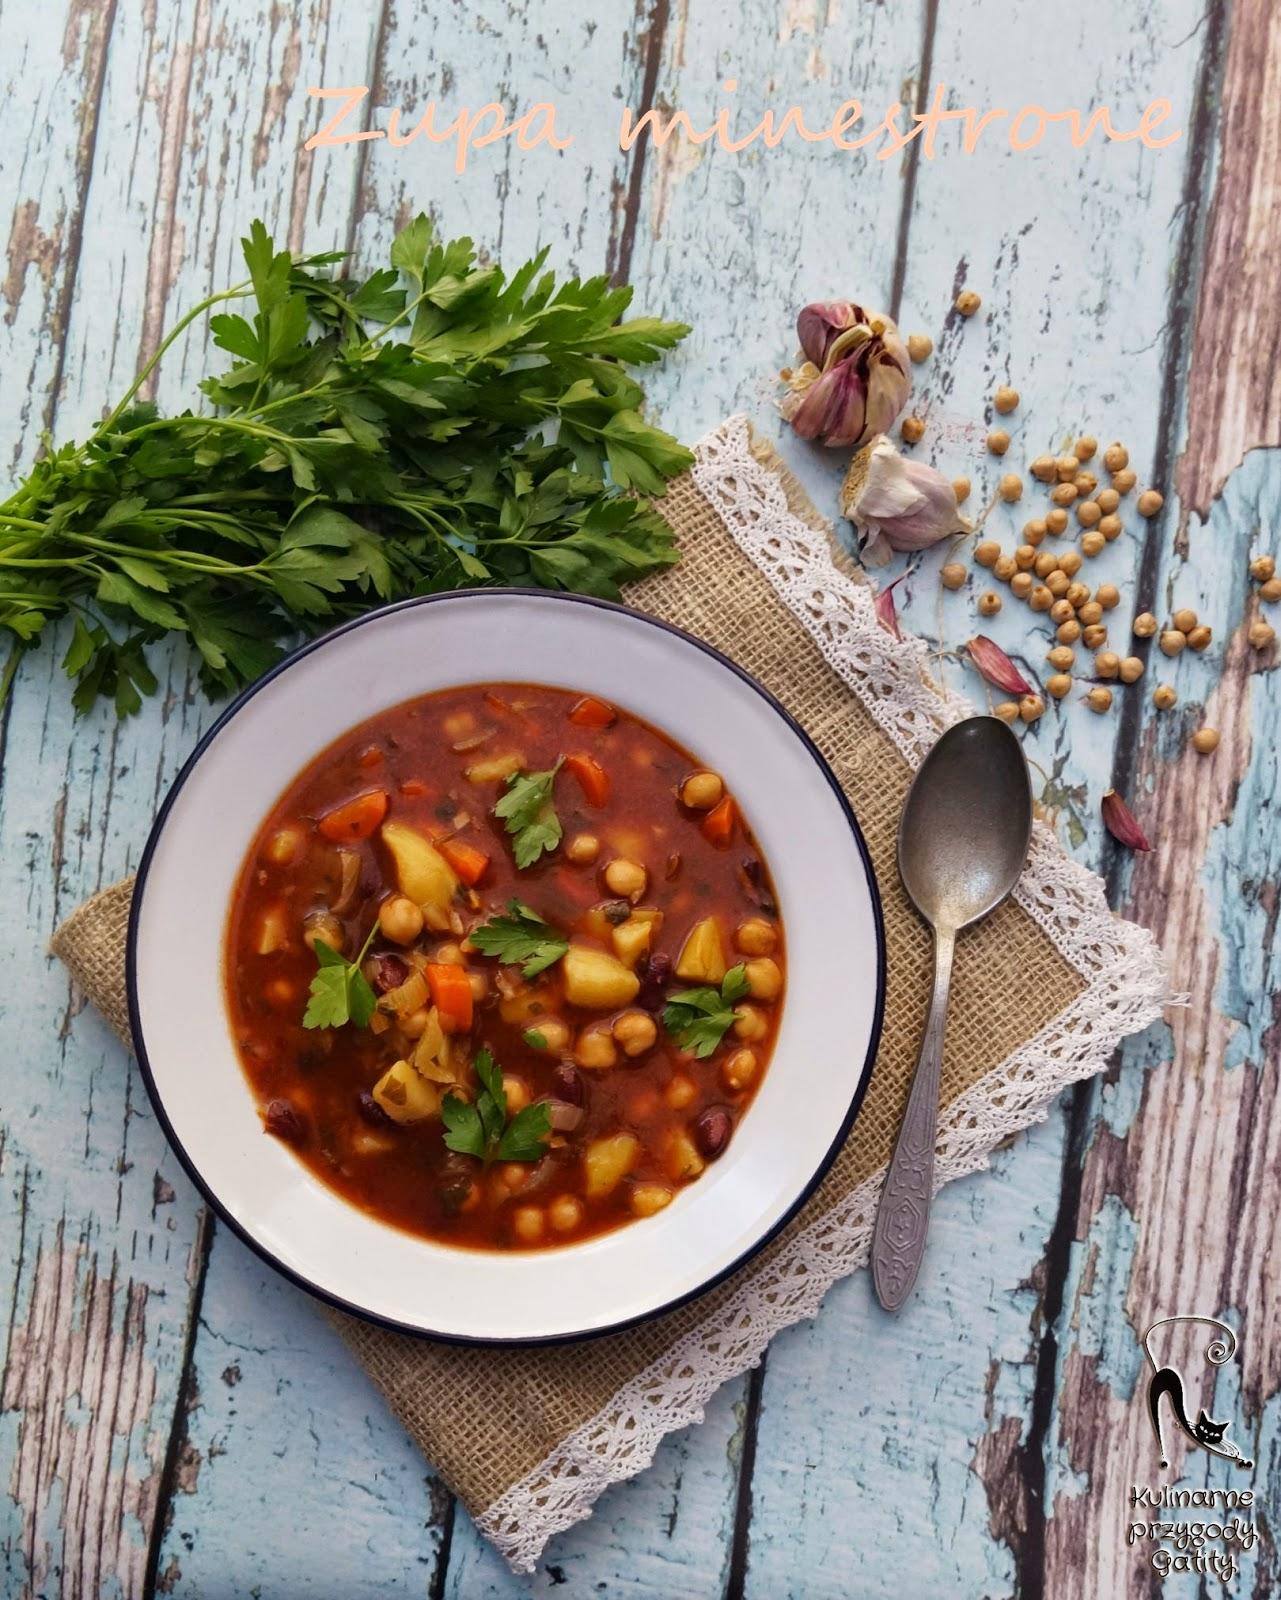 zupa-z-warzywami-widok-z-gory